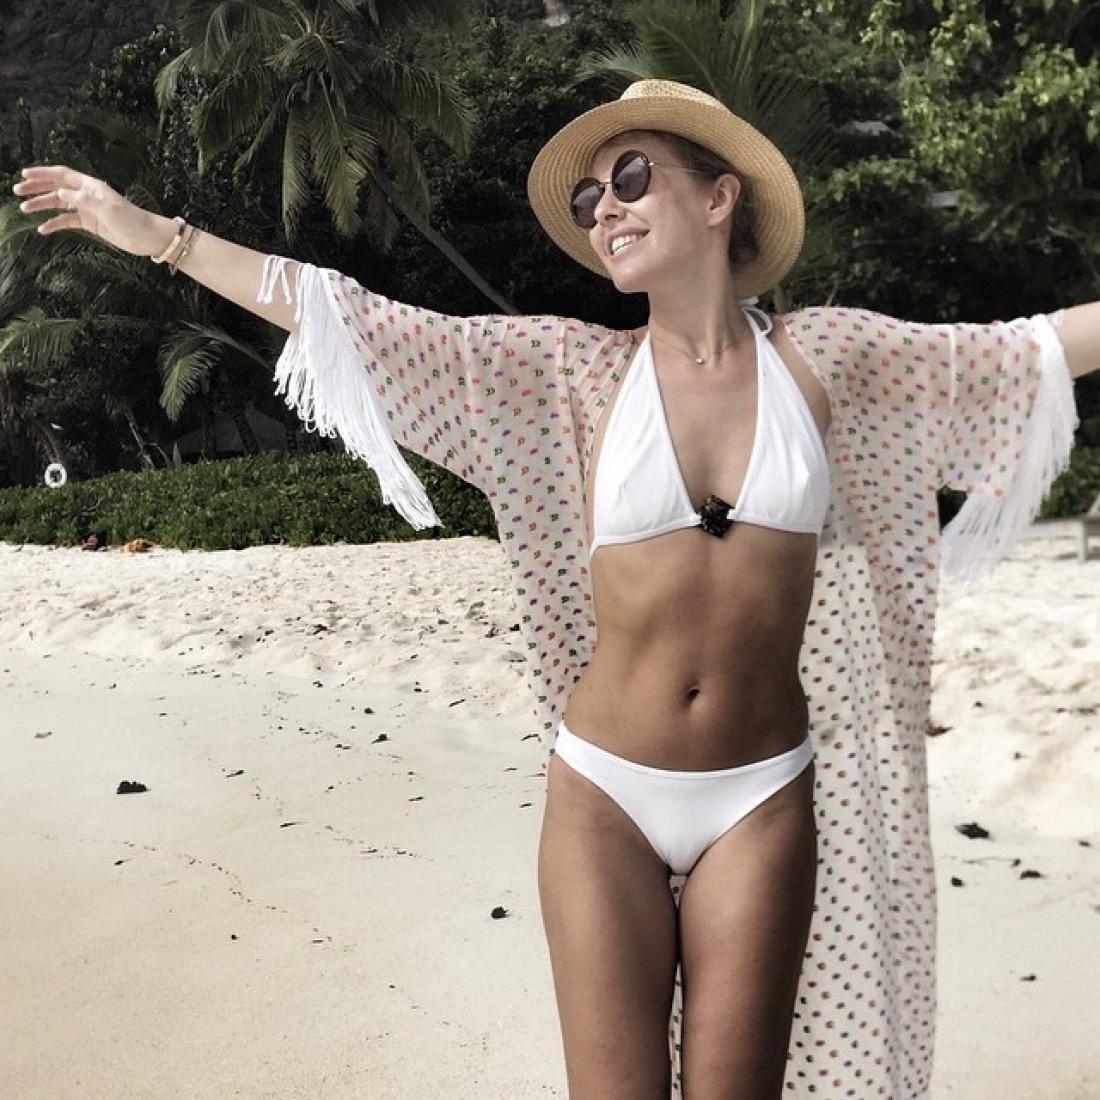 Selfie Bikini Ksenia Sobchak naked photo 2017